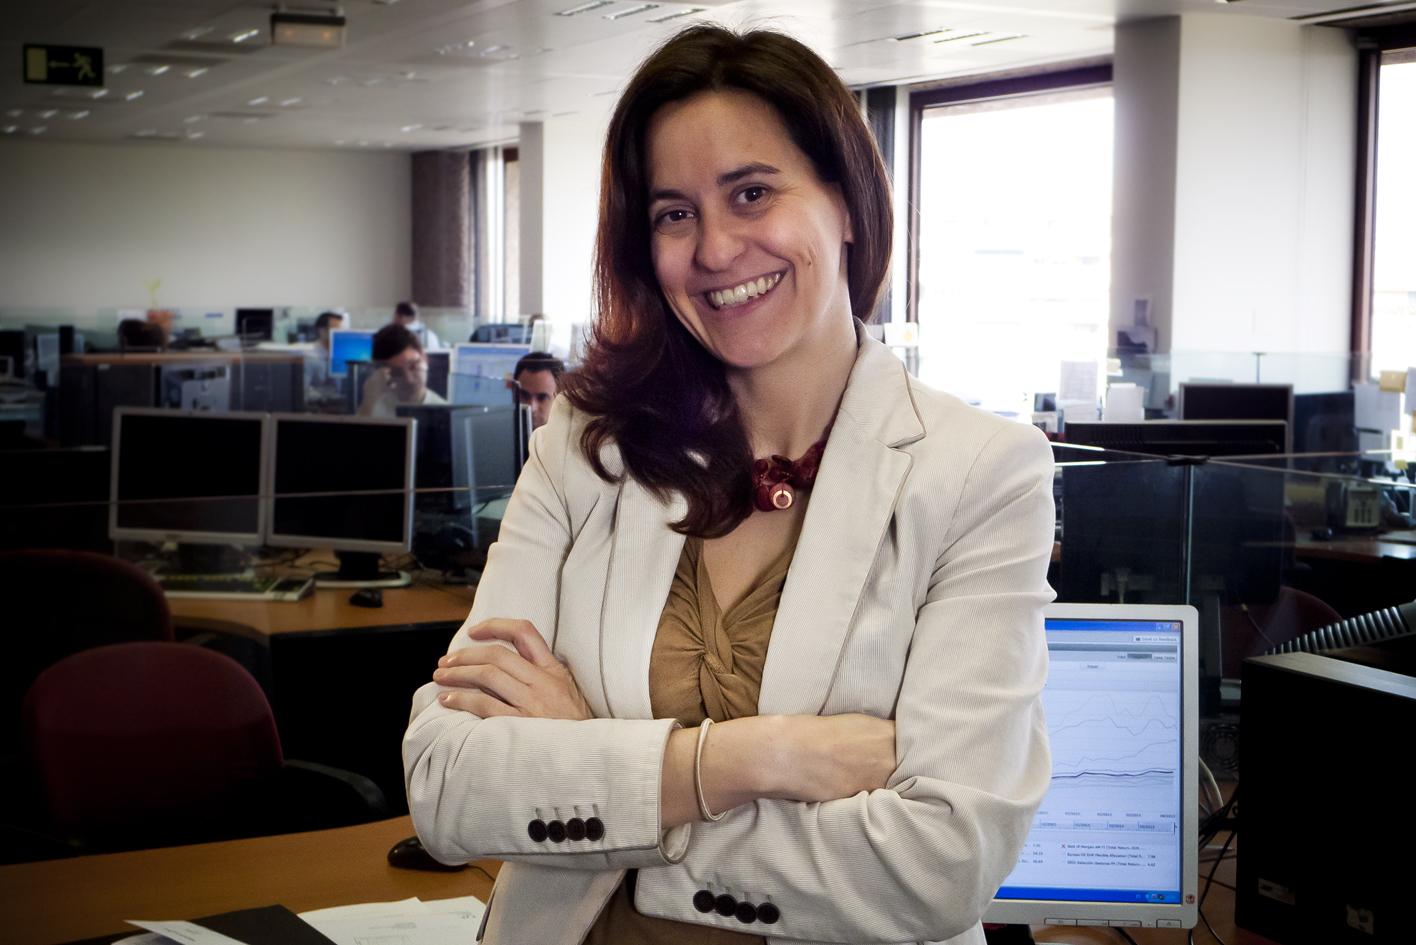 """Gabriela Vara: """"Hay valores muy interesantes en el Continuo, como Viscofán, Tubacex o CIE"""""""